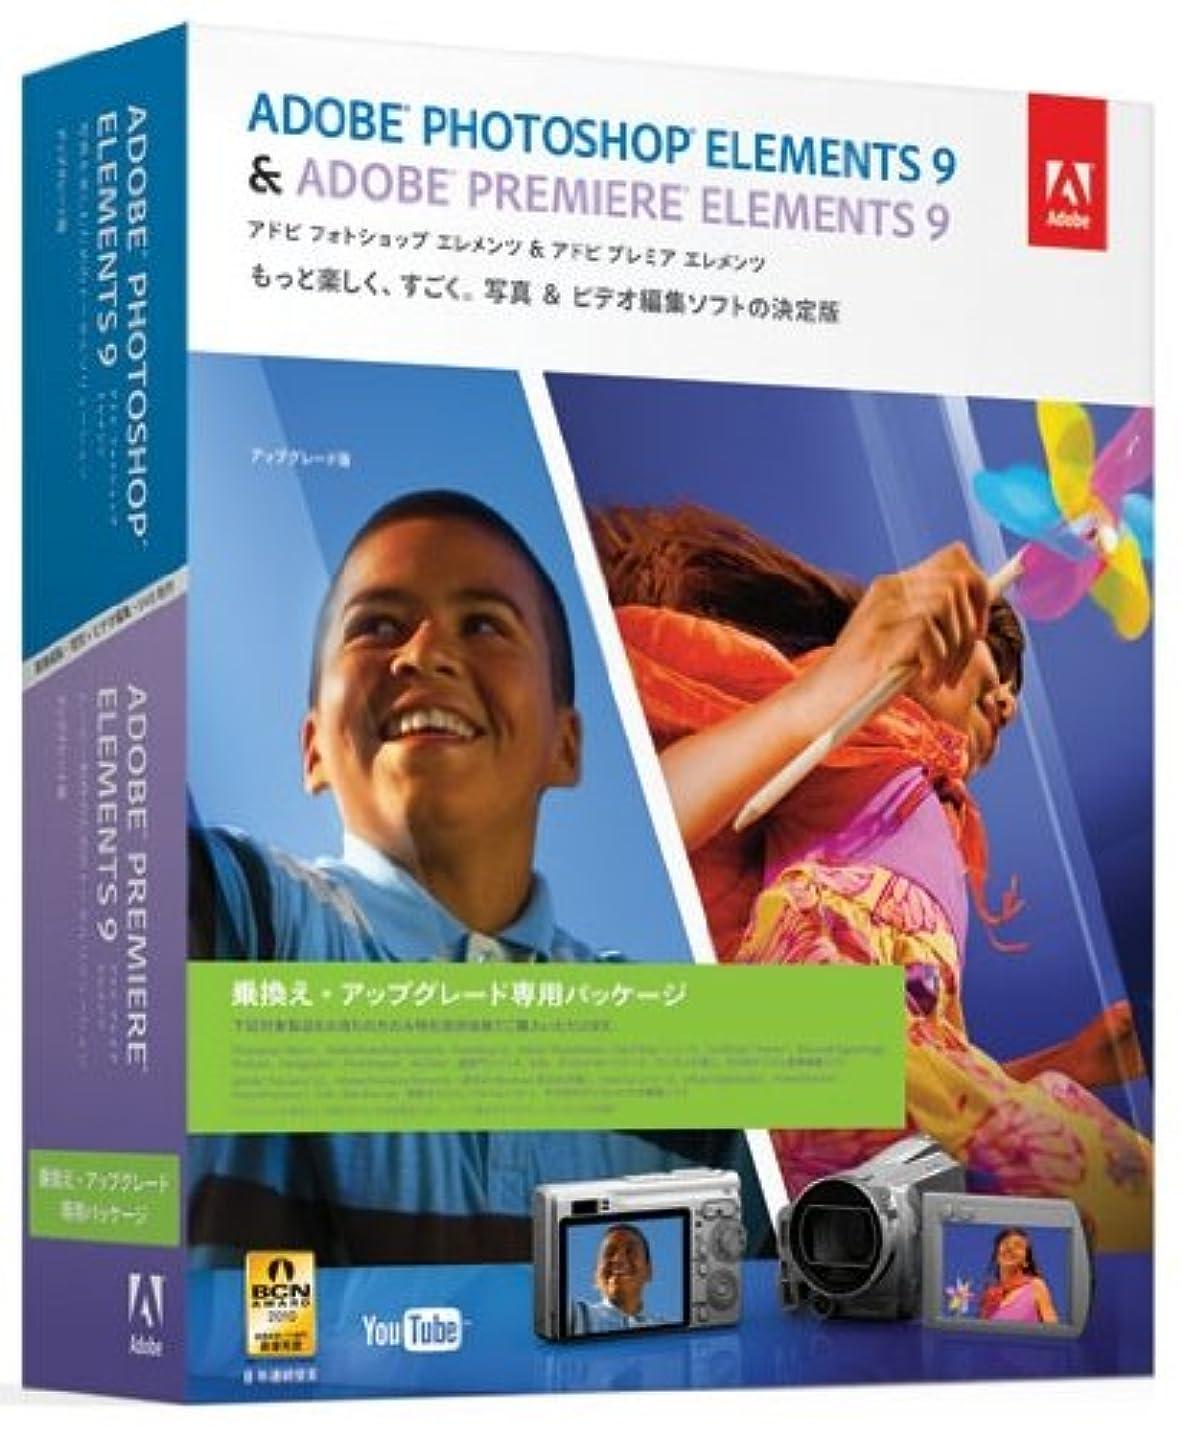 グラス無数の鮫Adobe Photoshop Elements 9 & Adobe Premiere Elements 9 日本語版 乗換?アップグレード版 Windows/Macintosh版 (旧価格品)